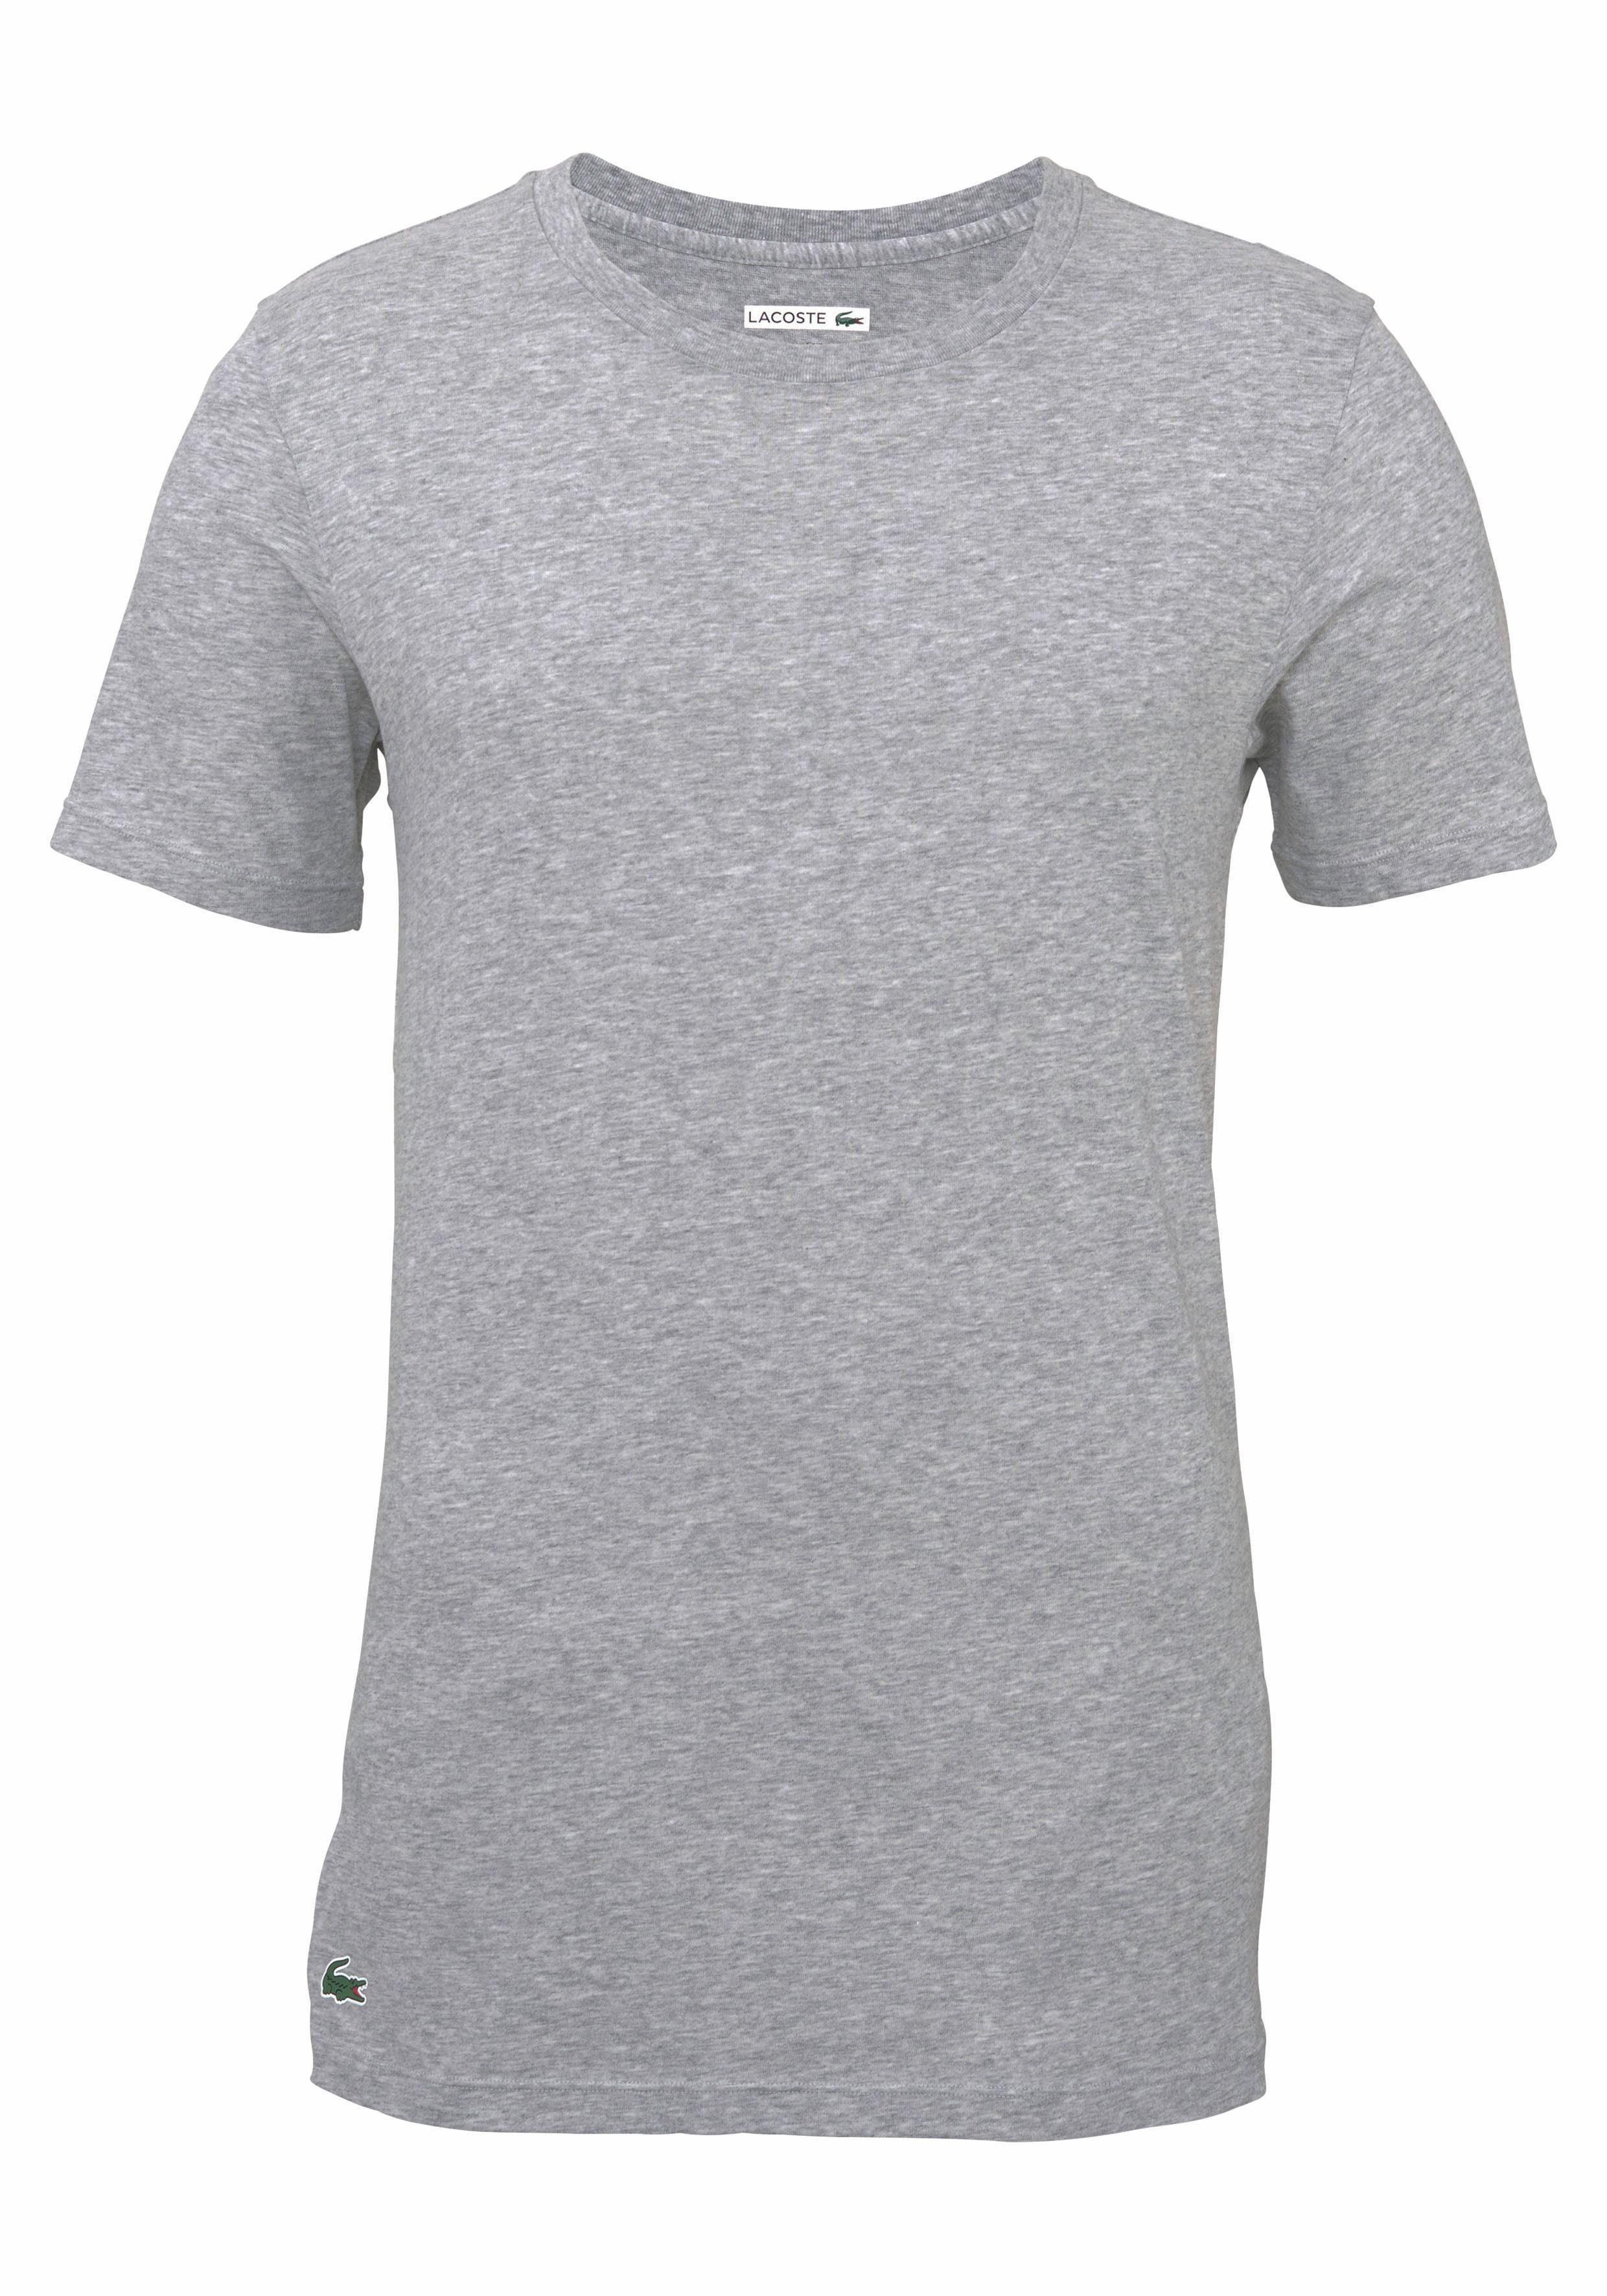 T Lacoste 3 In set Neck Online Fit slim Van De Crew Tee Shirt d6ZqrO6